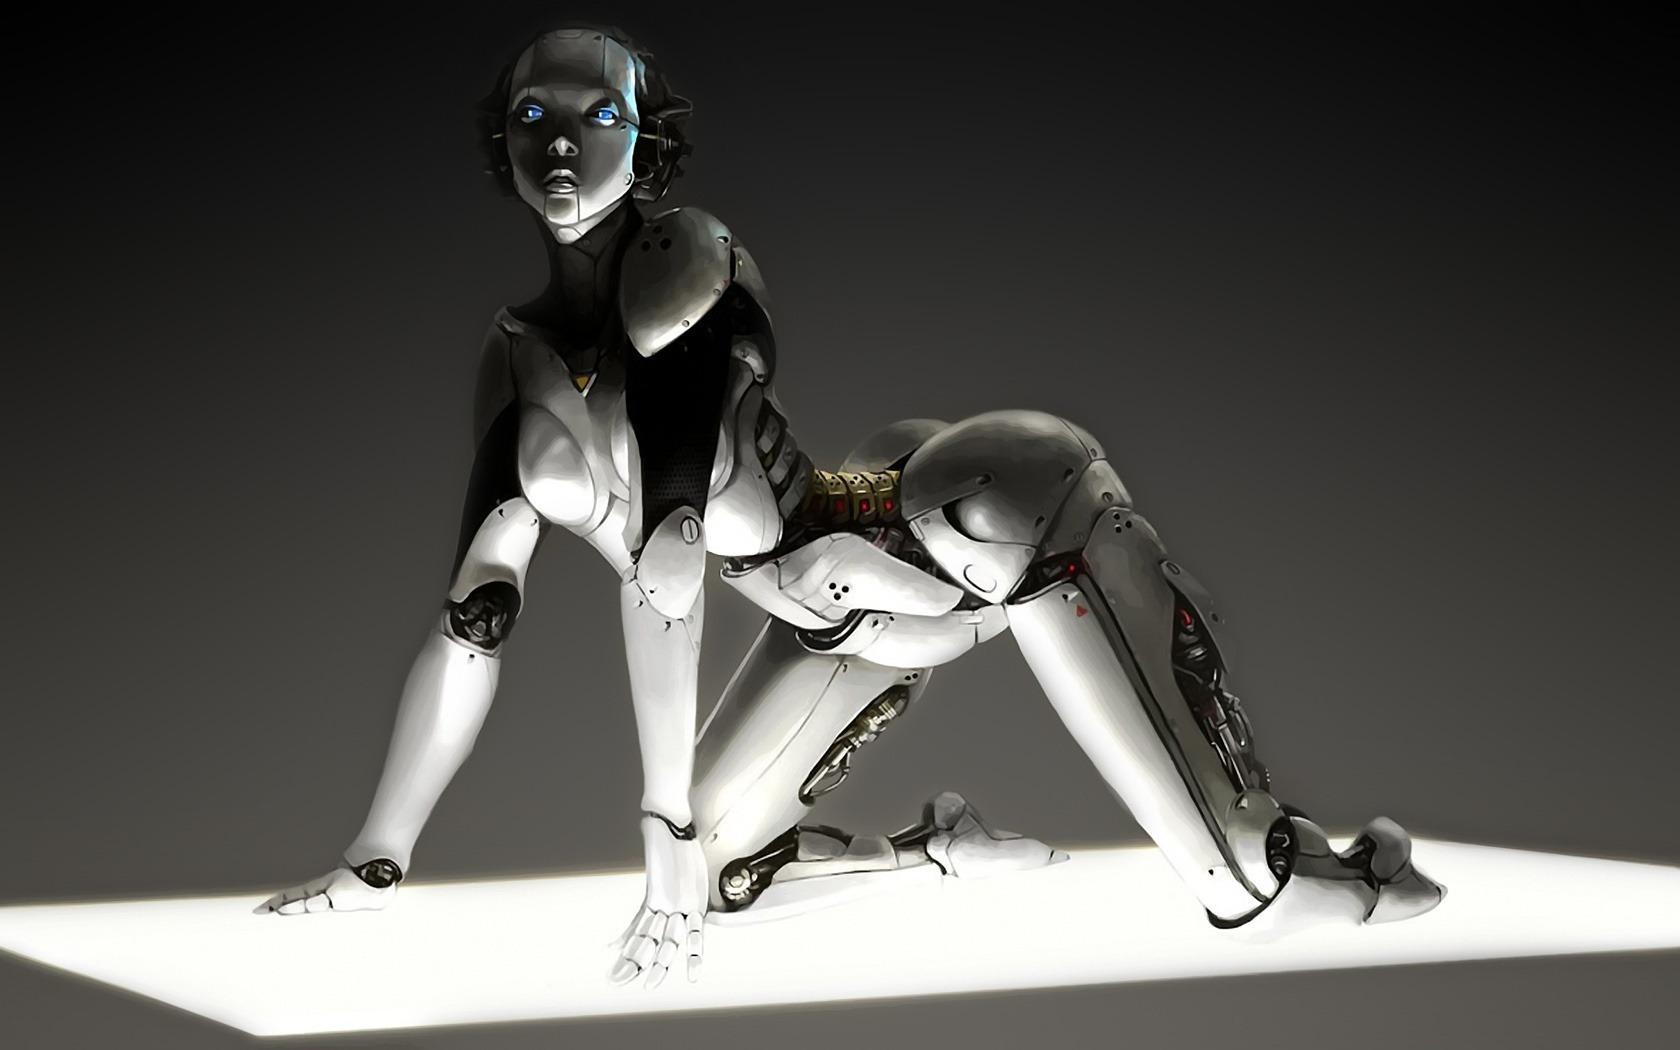 Секс аниме игры на андроид 7 фотография